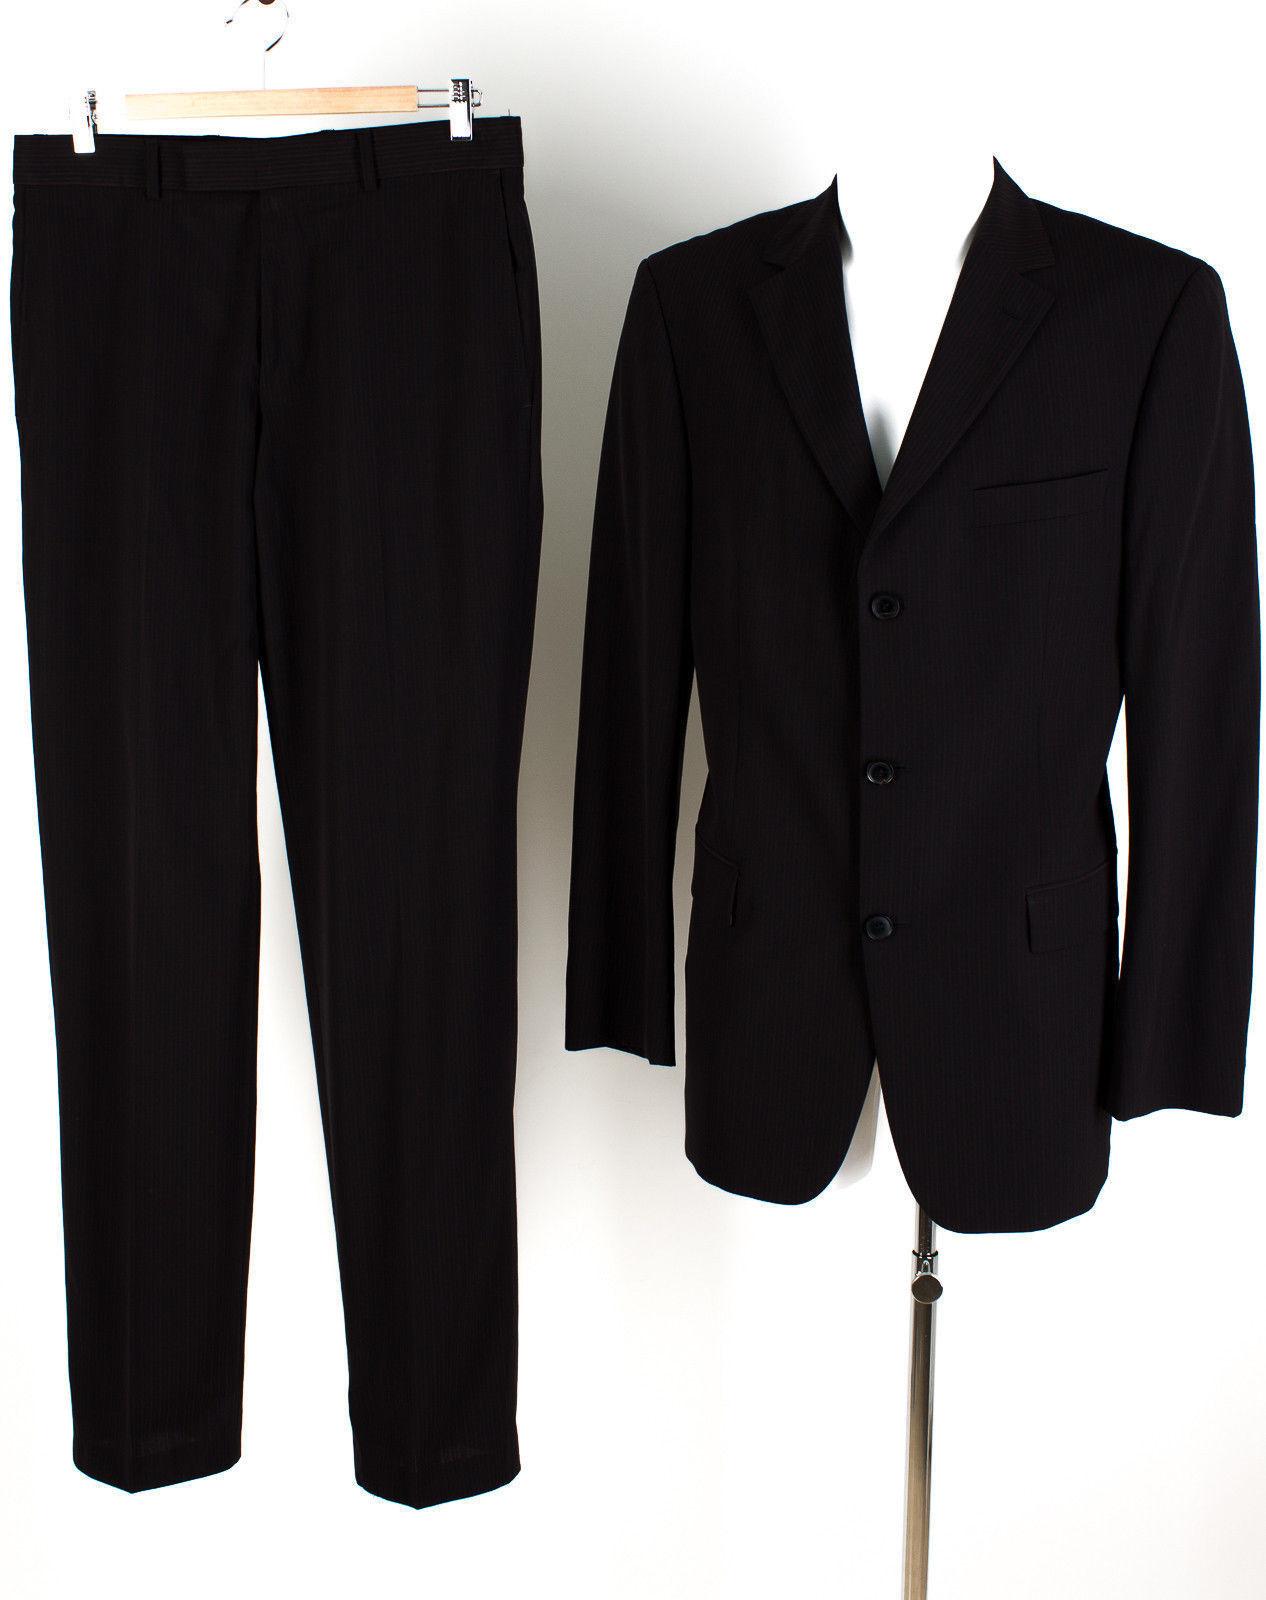 HUGO BOSS Anzug Gr. 94 (Schlank) TOP ZUSTAND  mit Wolle Sakko Hose Geschäft